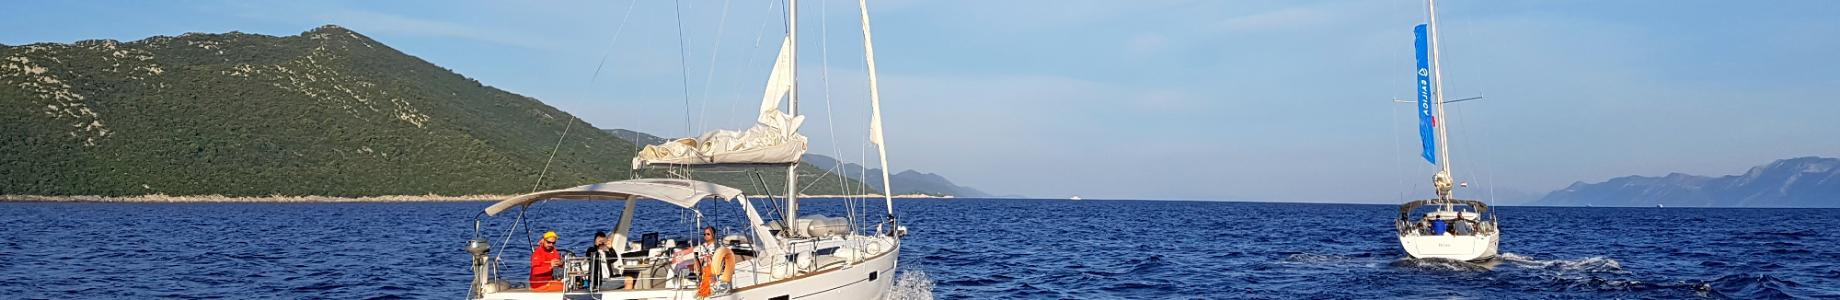 Из Центральной Далмации в Южную: топ-12 мест для идеального яхтенного маршрута по Хорватии